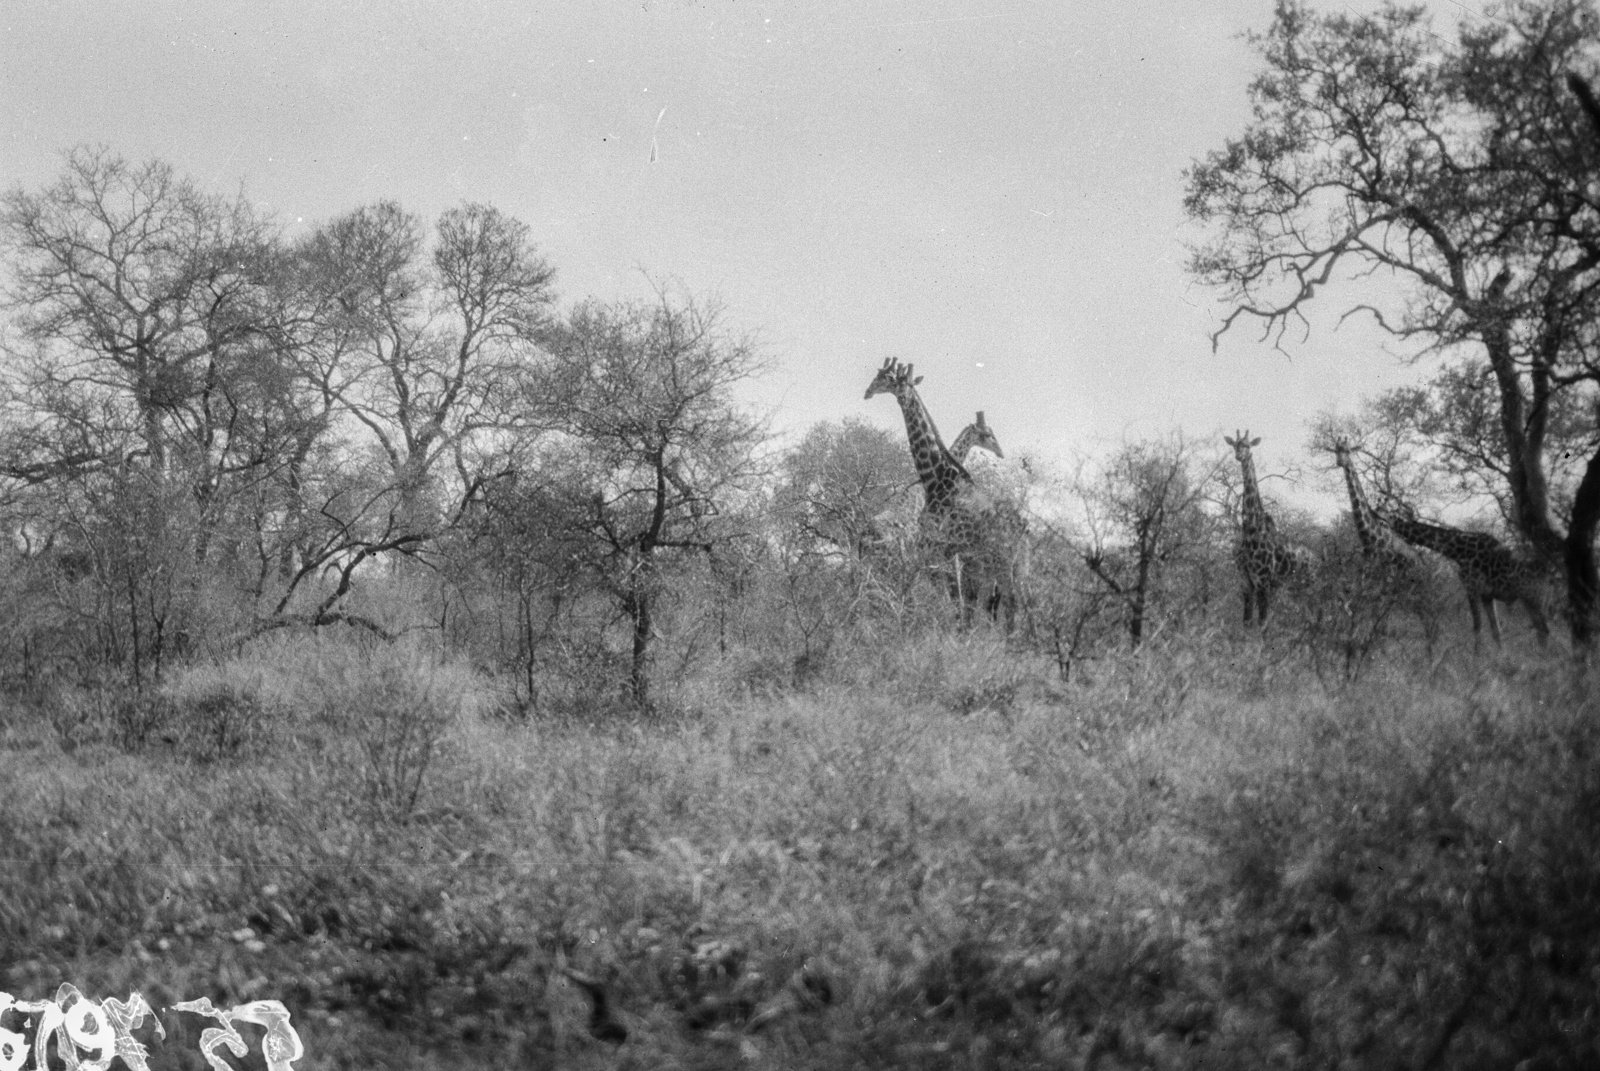 Национальный парк Крюгера. Стадо жирафов в ландшафте саванны